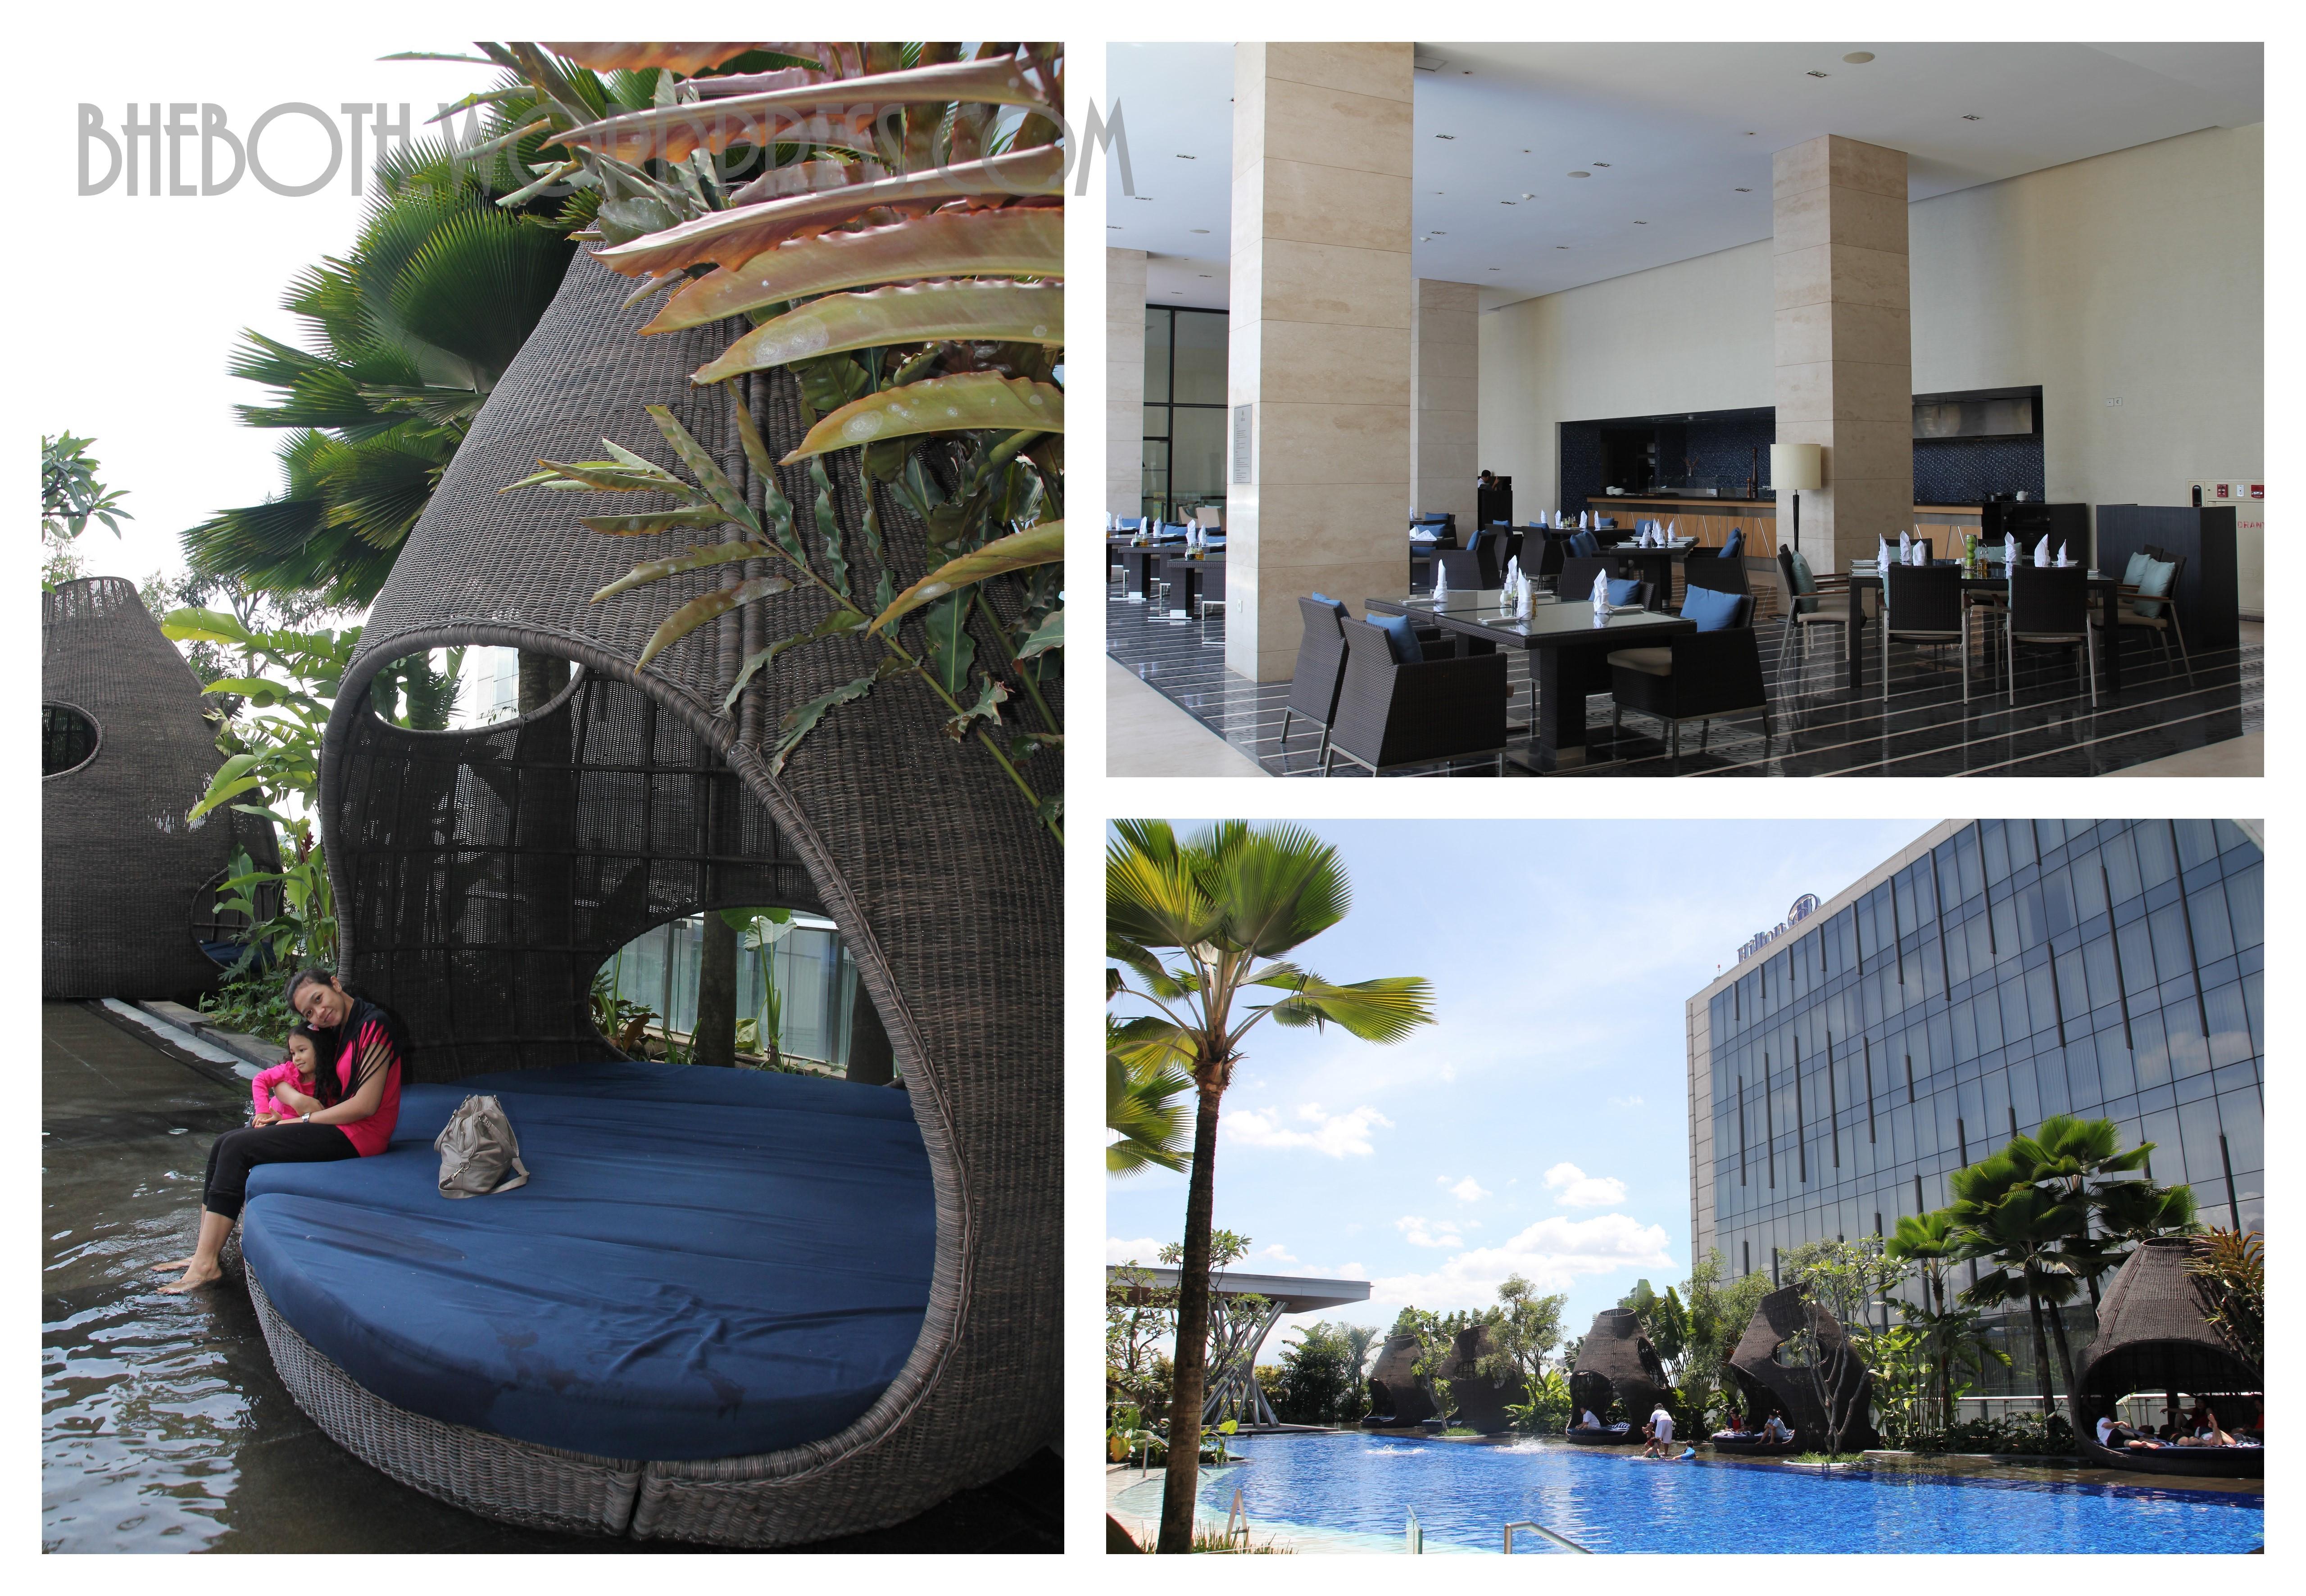 Hilton Hotel For The Winner